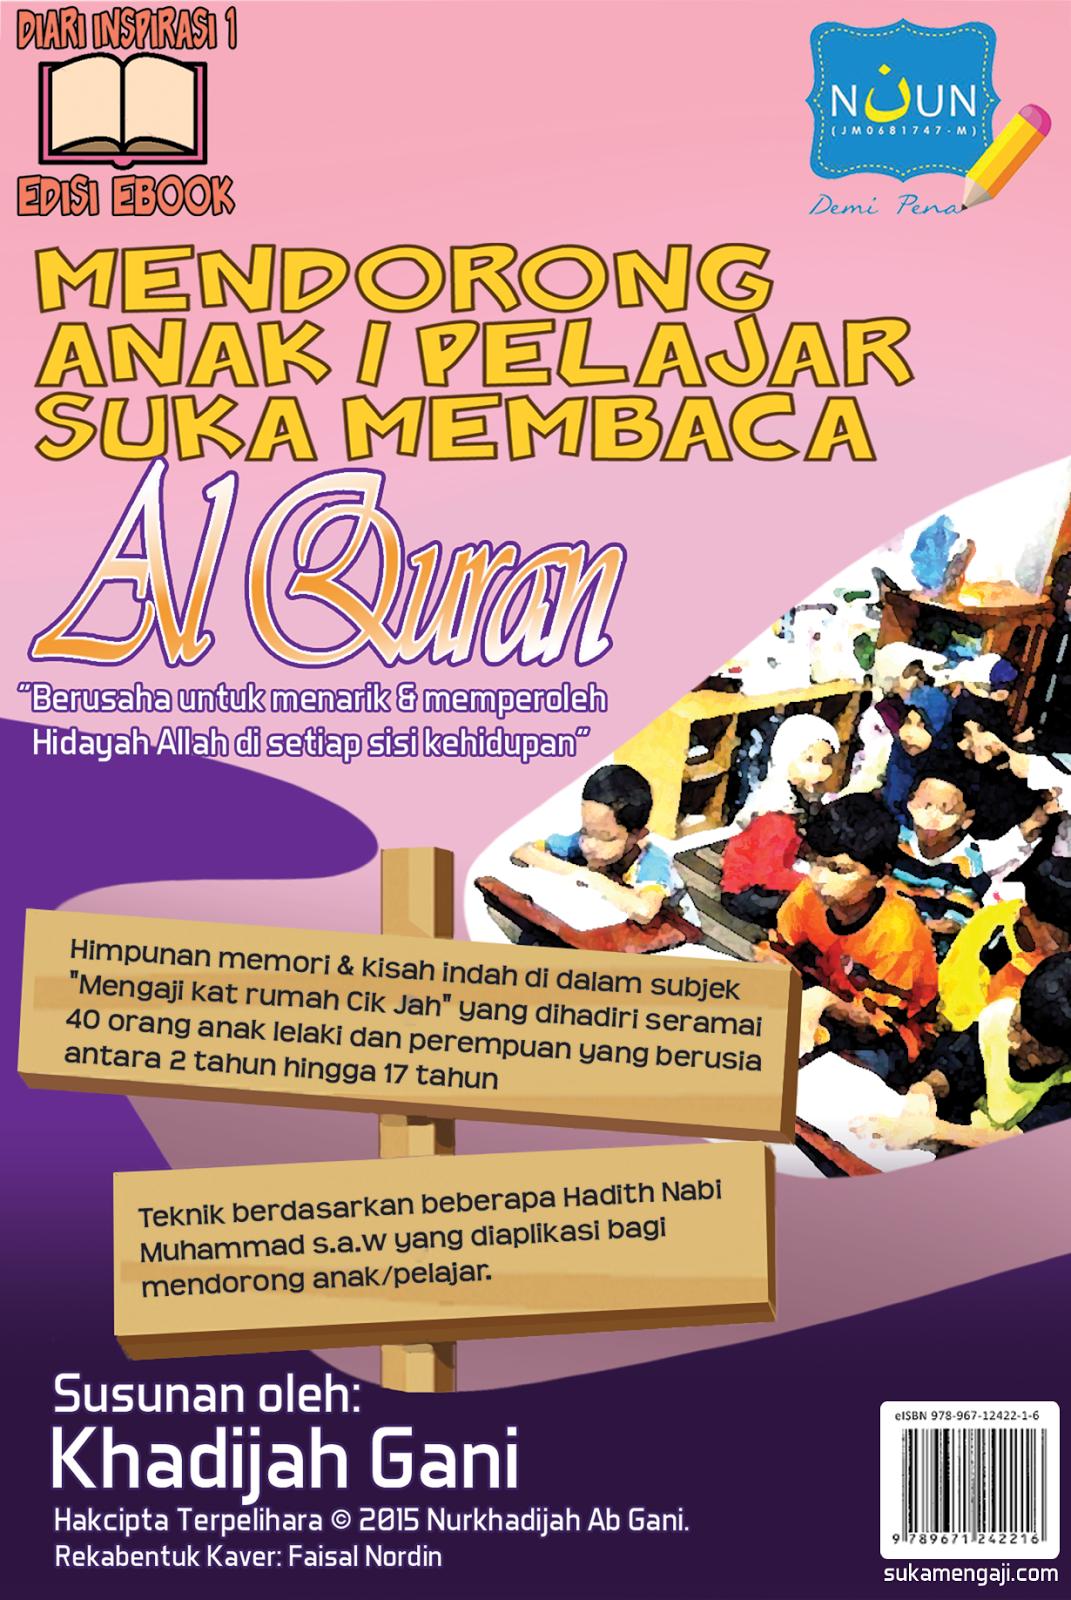 Keluaran terbaharu! E-Book Mendorong Anak / Pelajar Suka Membaca Al-Quran